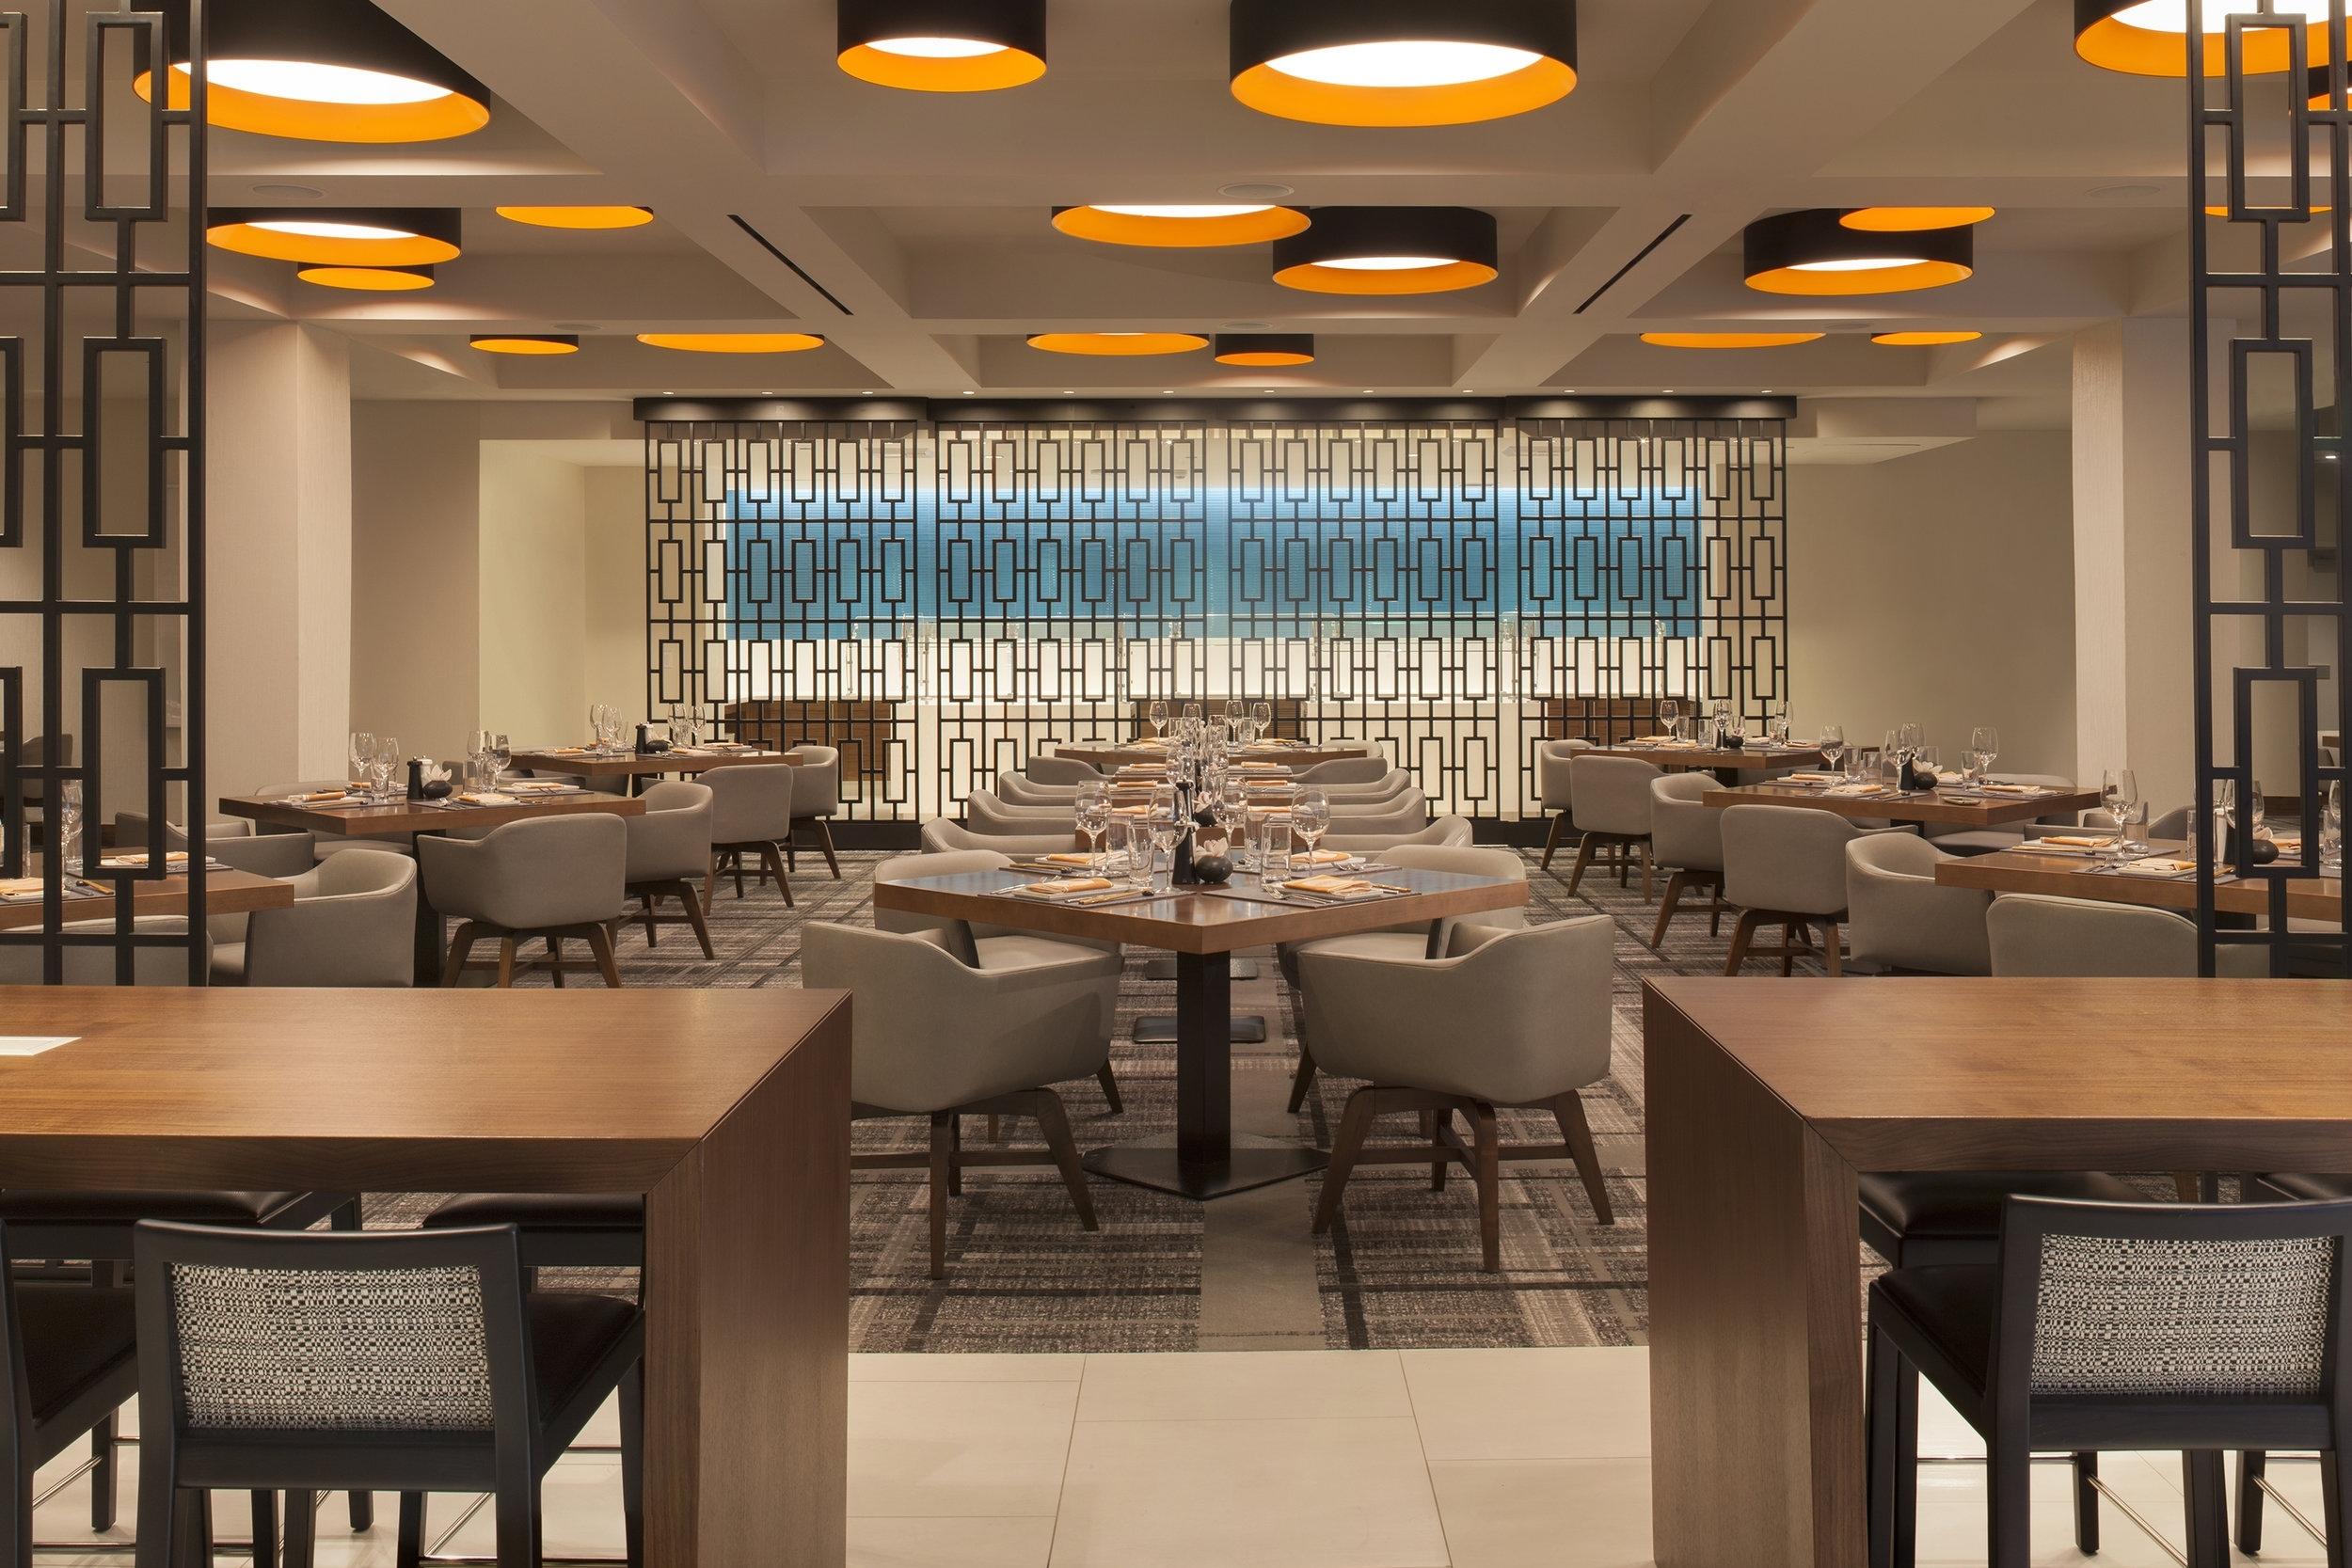 Hyatt Regency LAX Restaurant